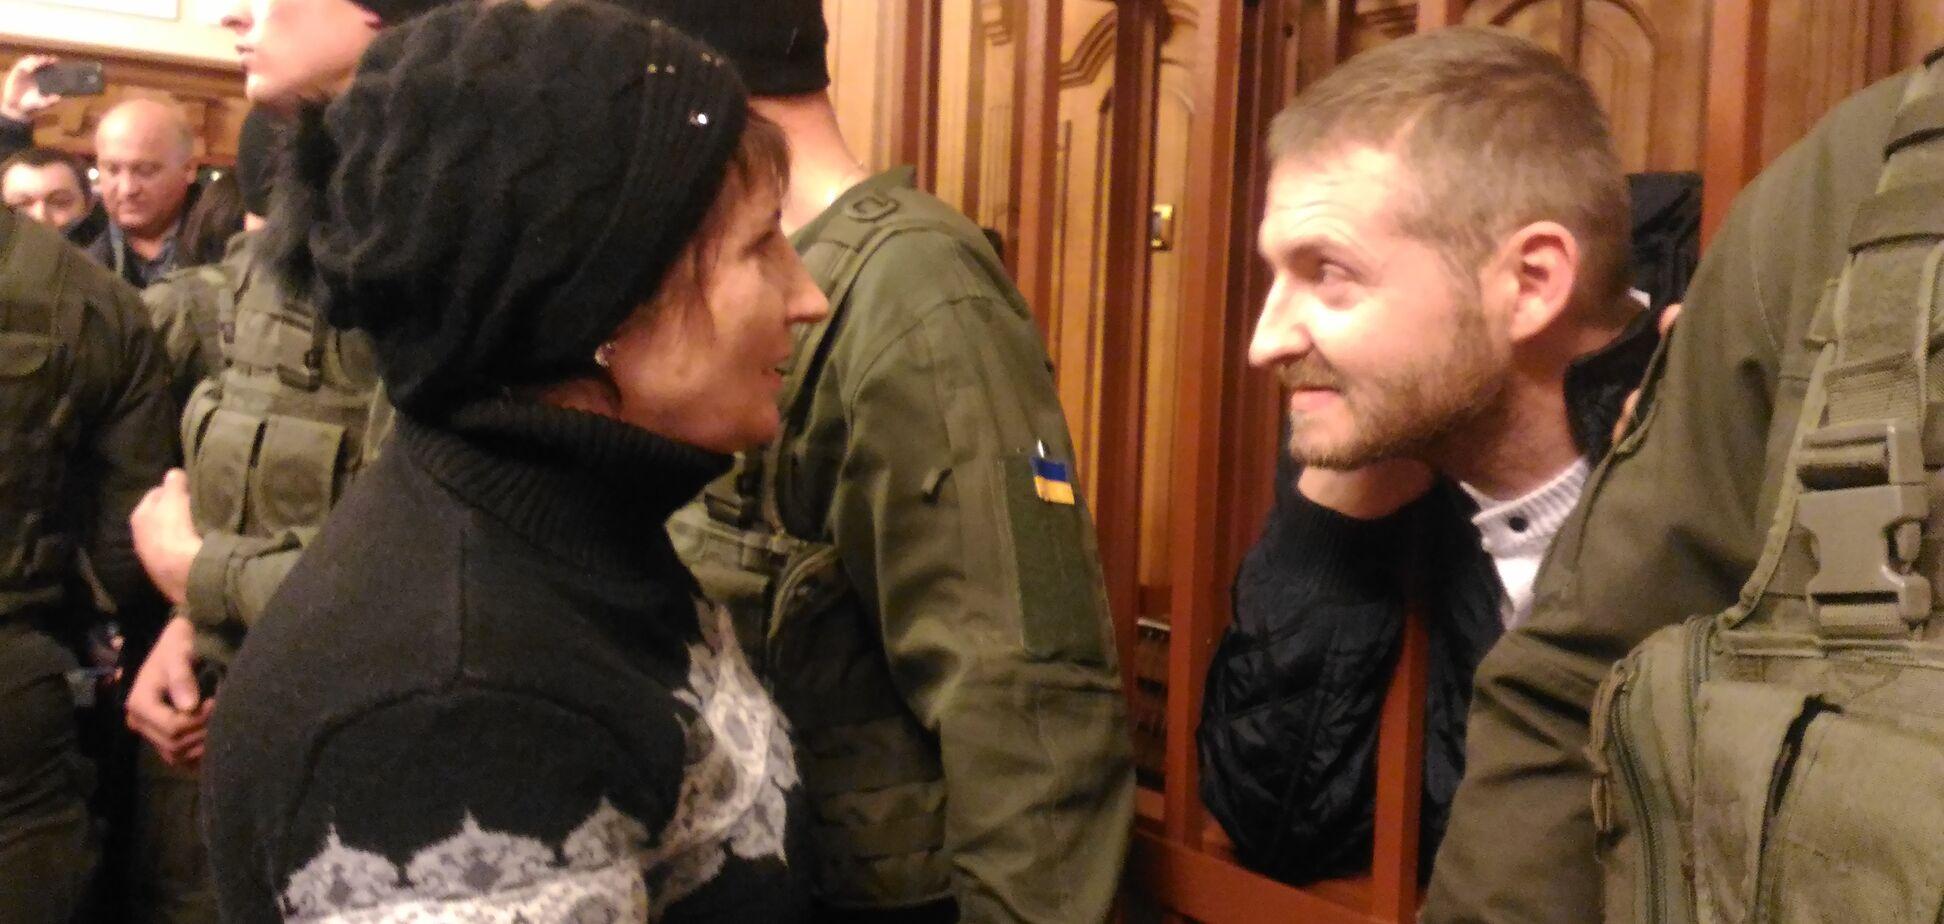 Дело Колмогорова: адвокат пограничника объяснила ситуацию с освобождением